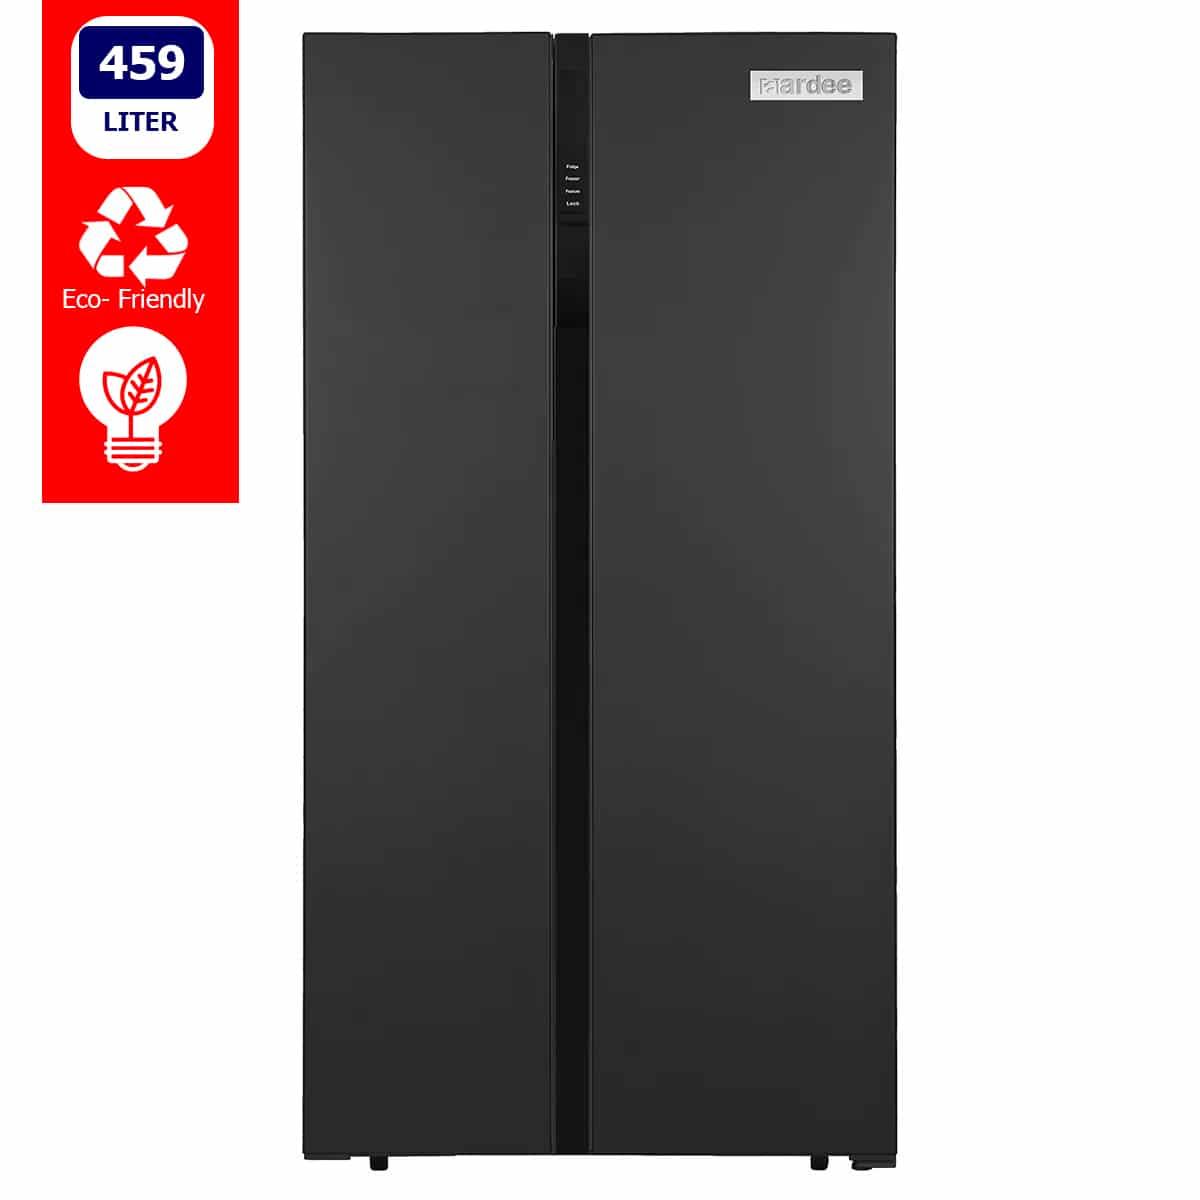 ARRFSBS-500BD-Aardee-Side-by-side-large-fridge